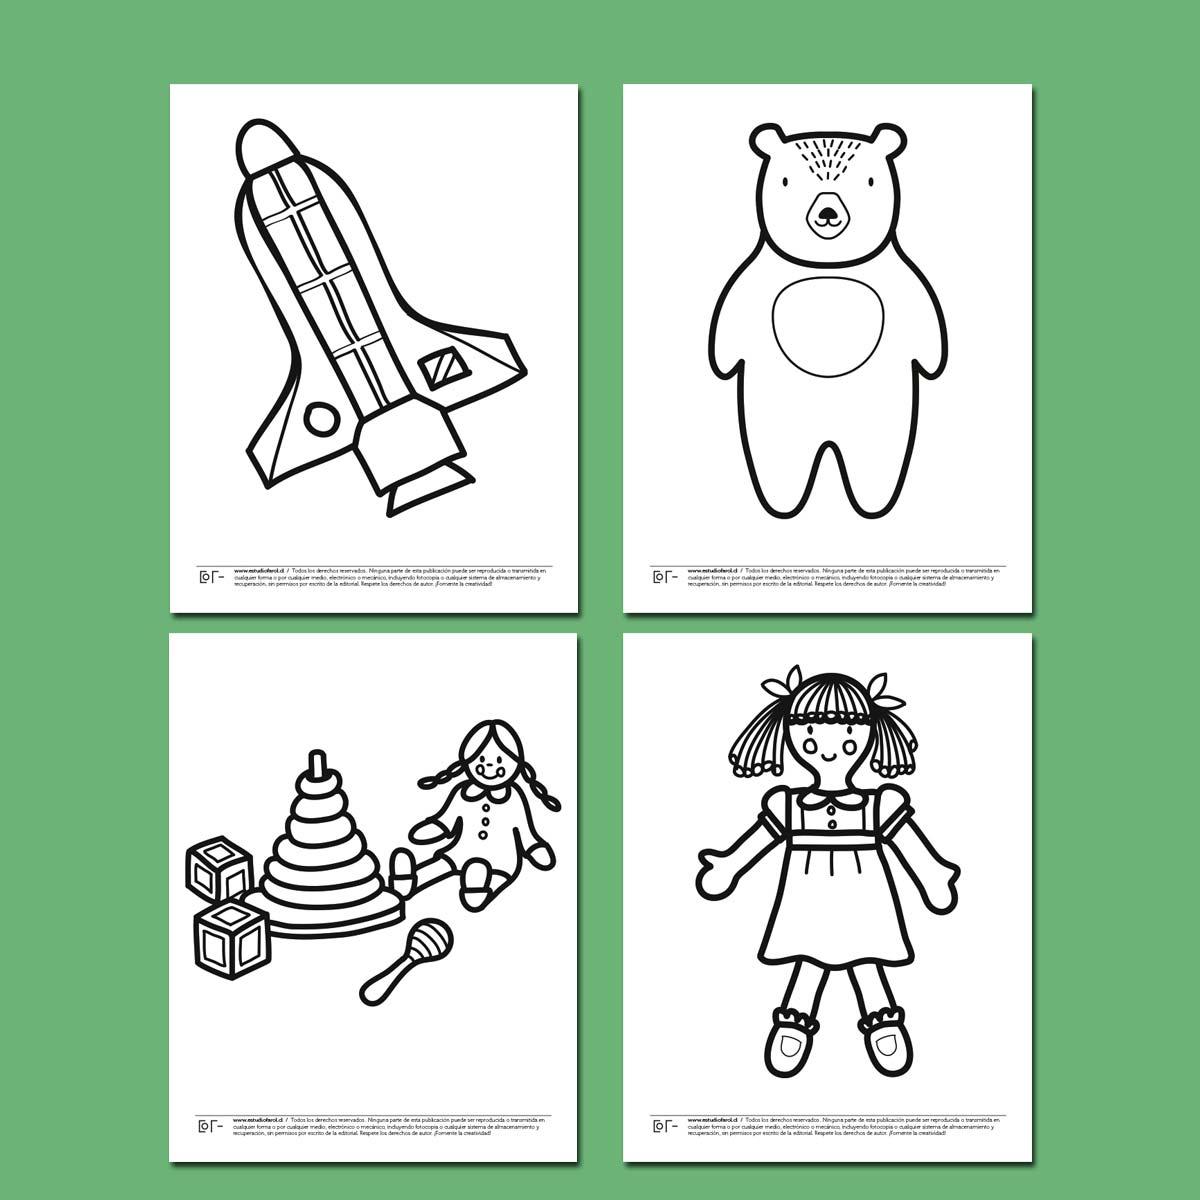 Dibujos para colorear 2 | Estudio Farol